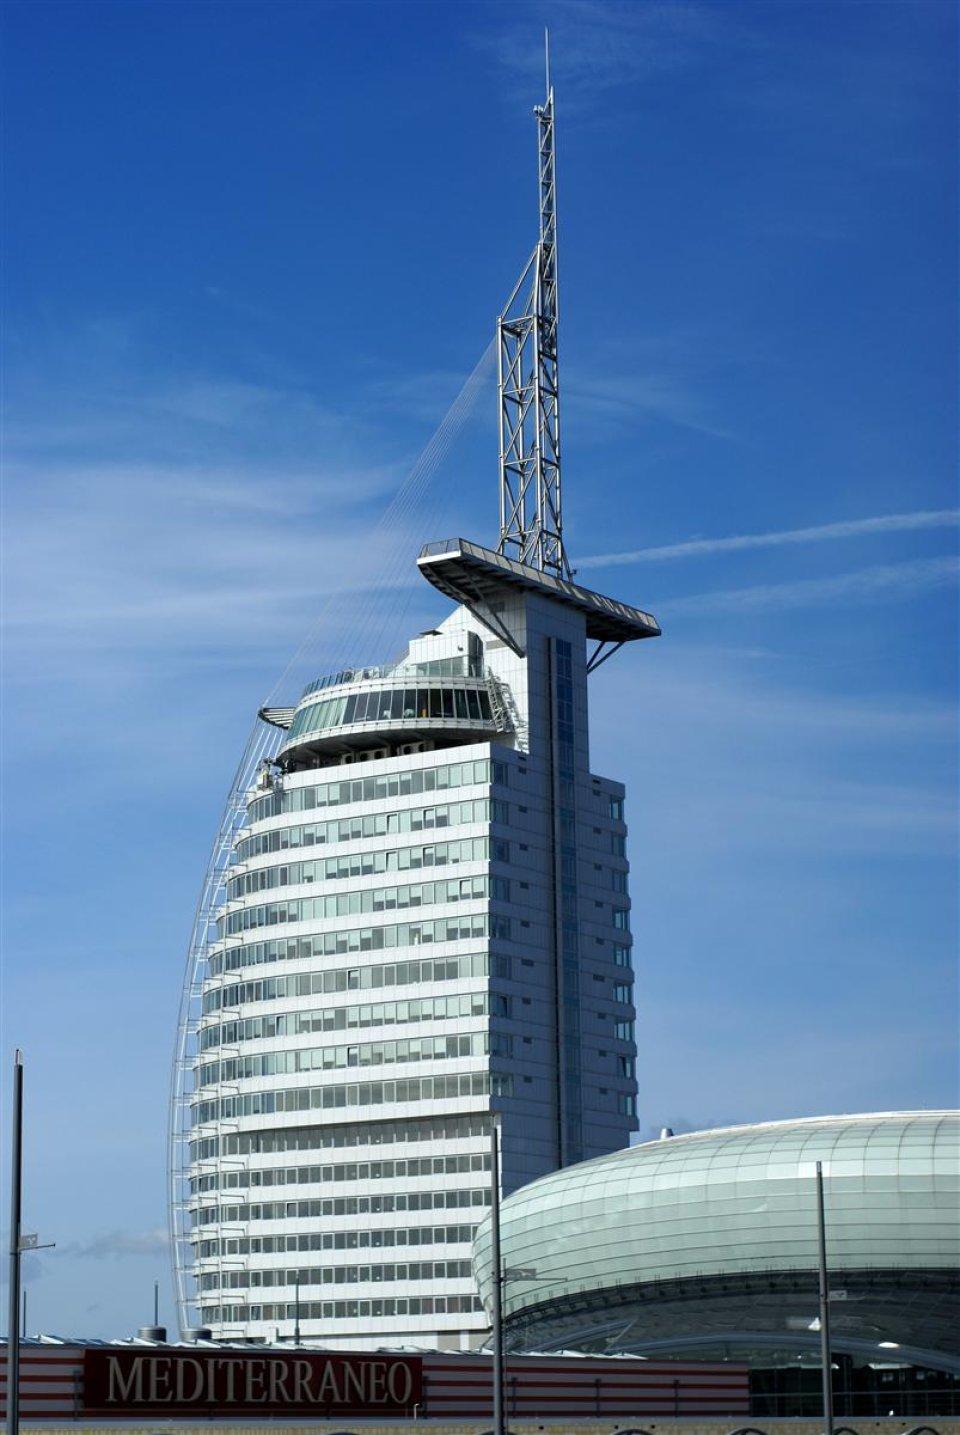 Ein mehrstöckiges Gebäude mit einer Spitze. Im Hintergrund ist blauer Himmel zu sehen.